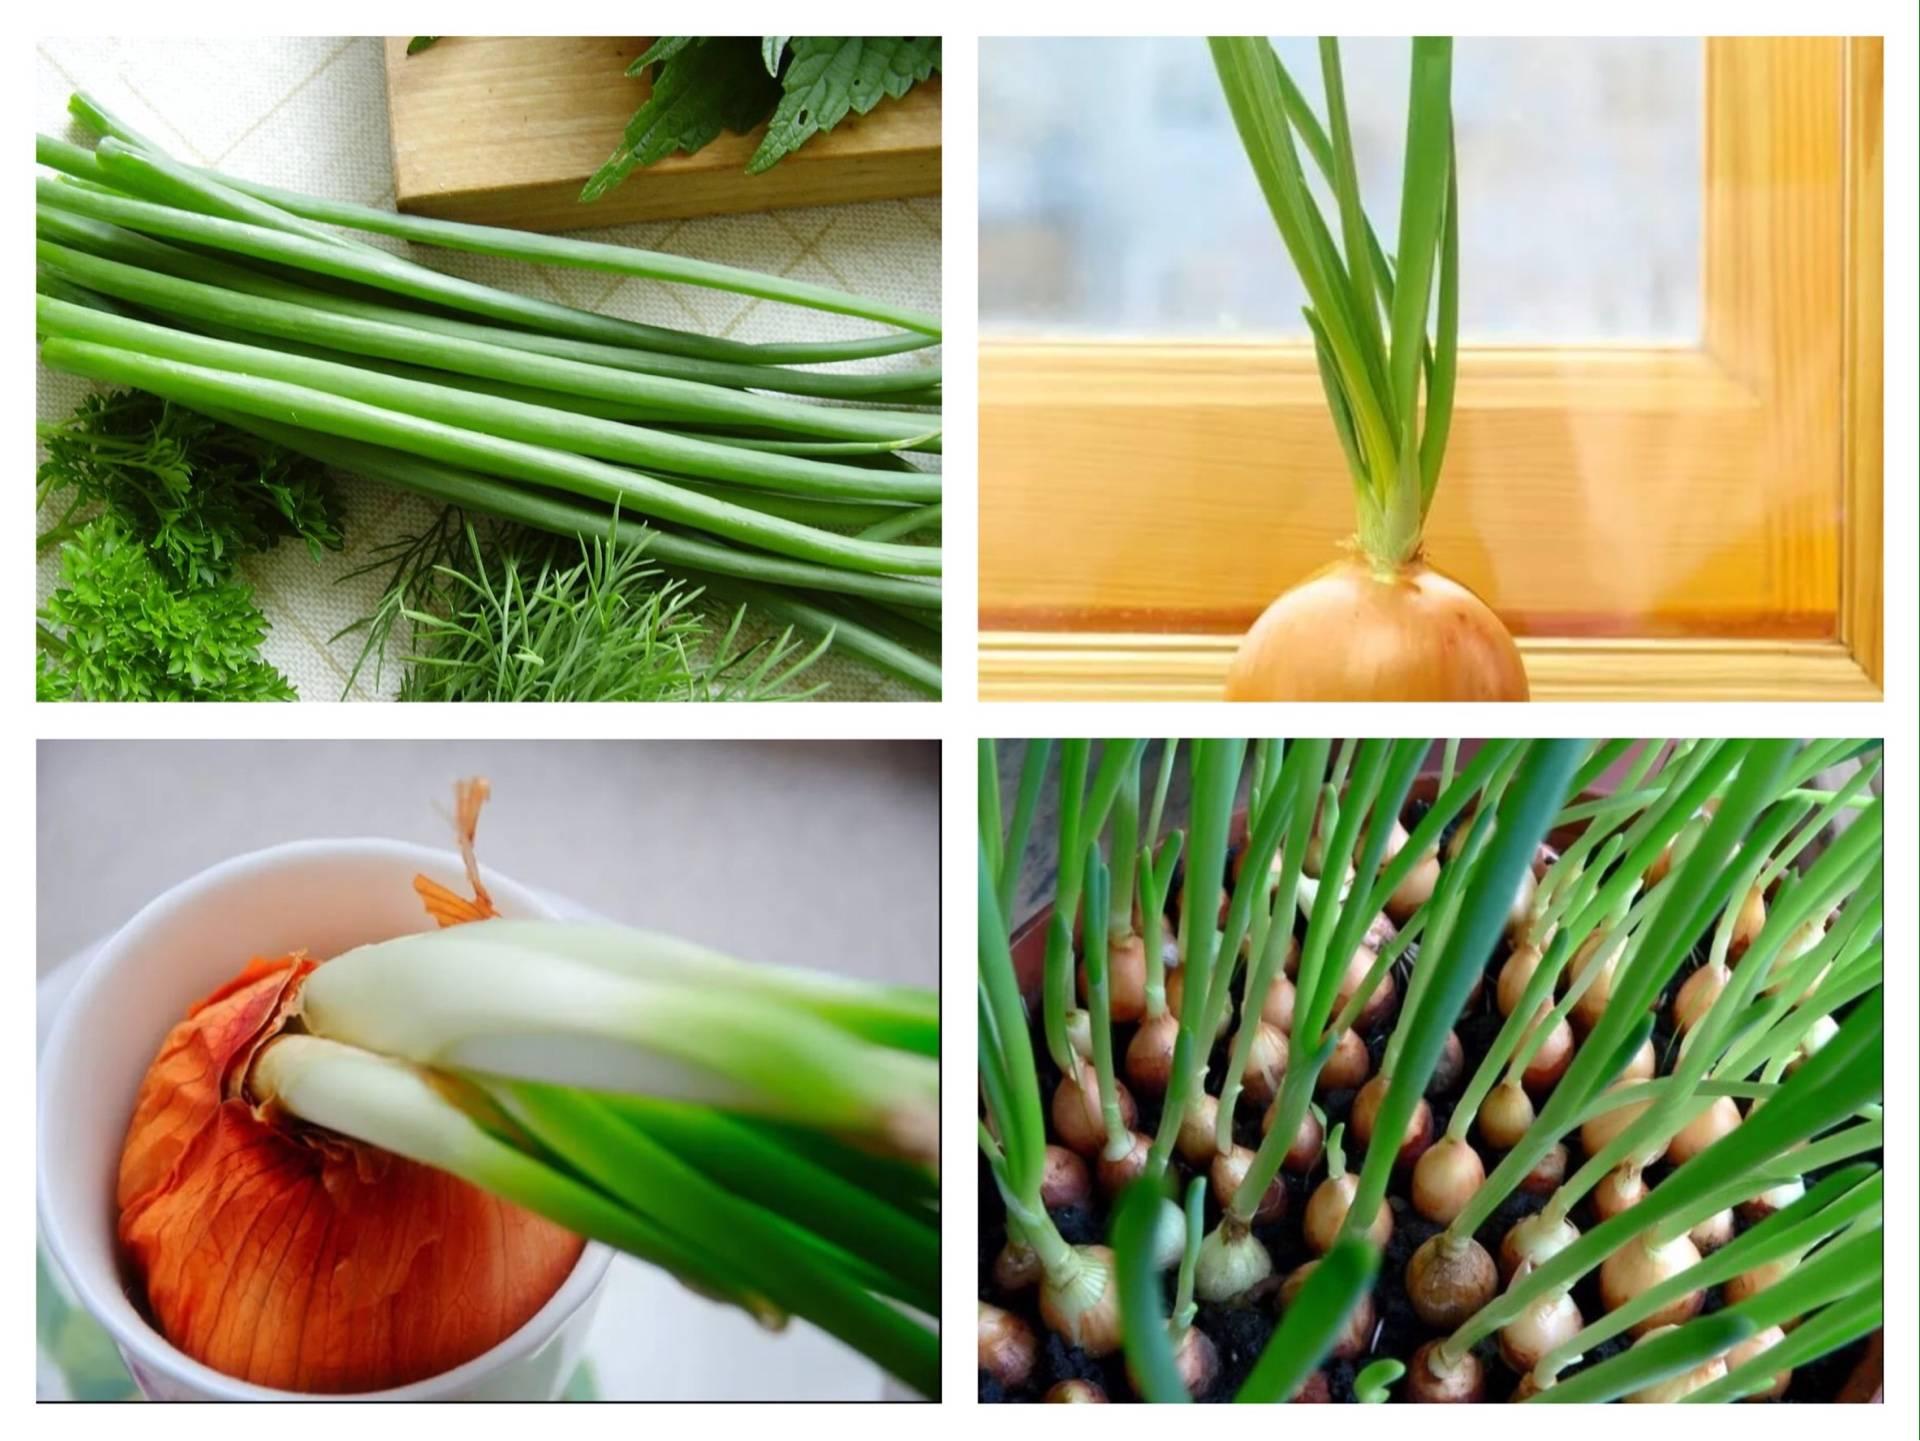 Как вырастить зеленый лук на подоконнике: полное практическое руководство